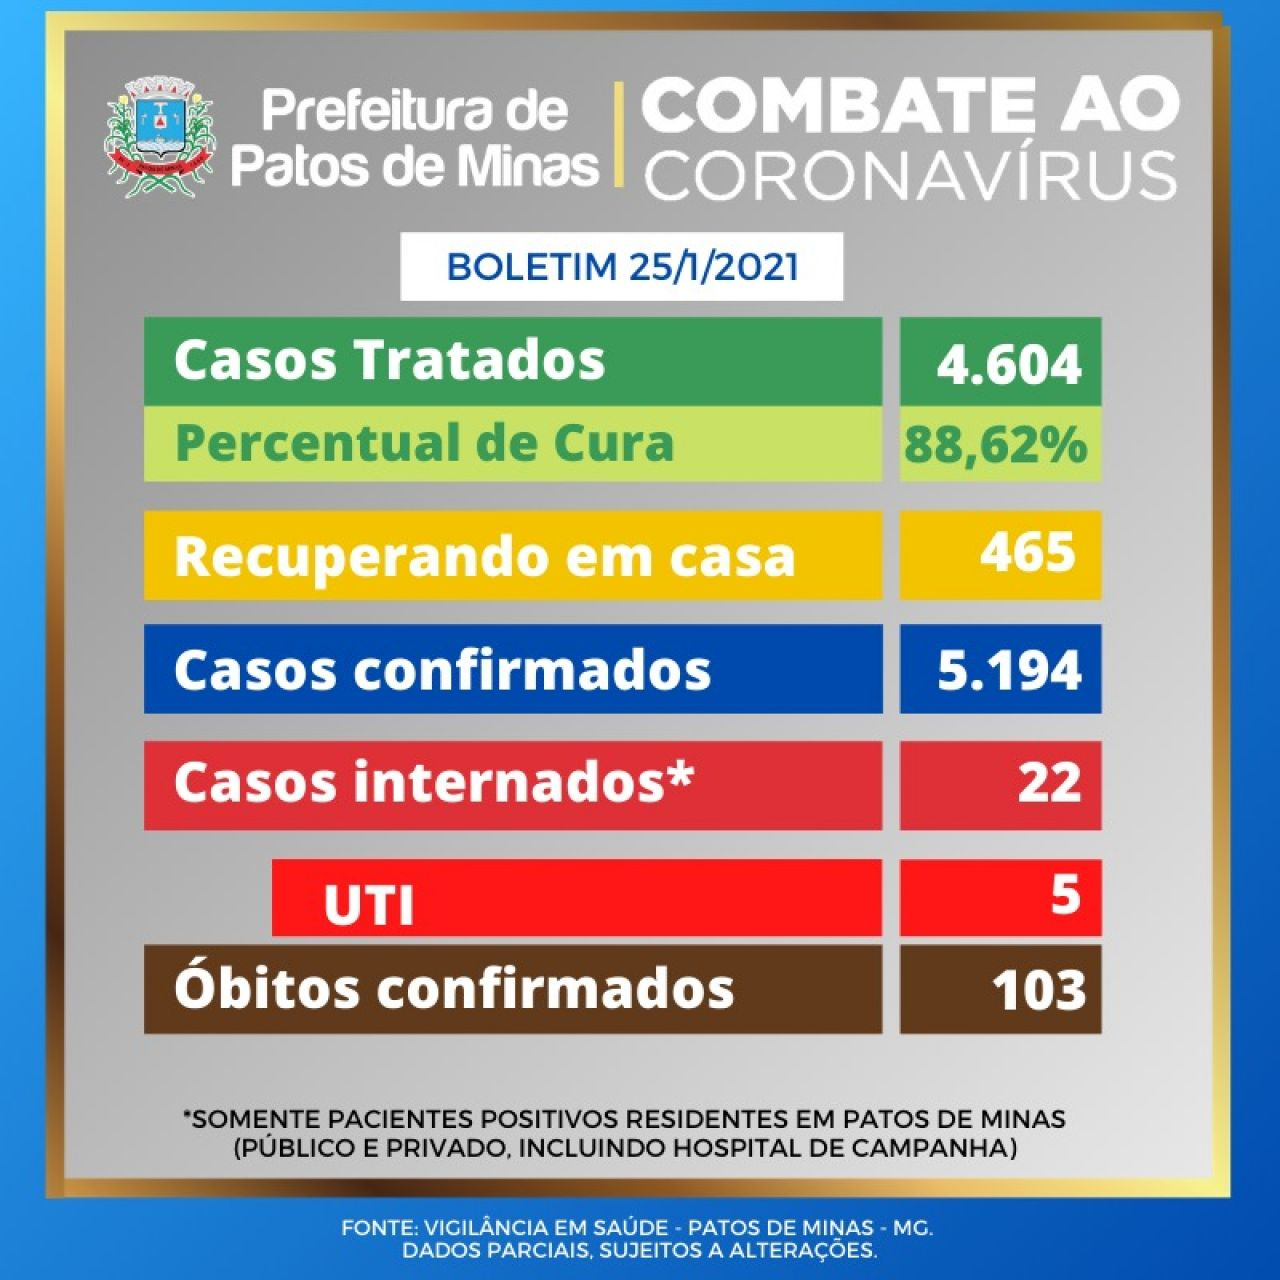 Covid-19: Patos de Minas chega a 5.194 casos confirmados da doença